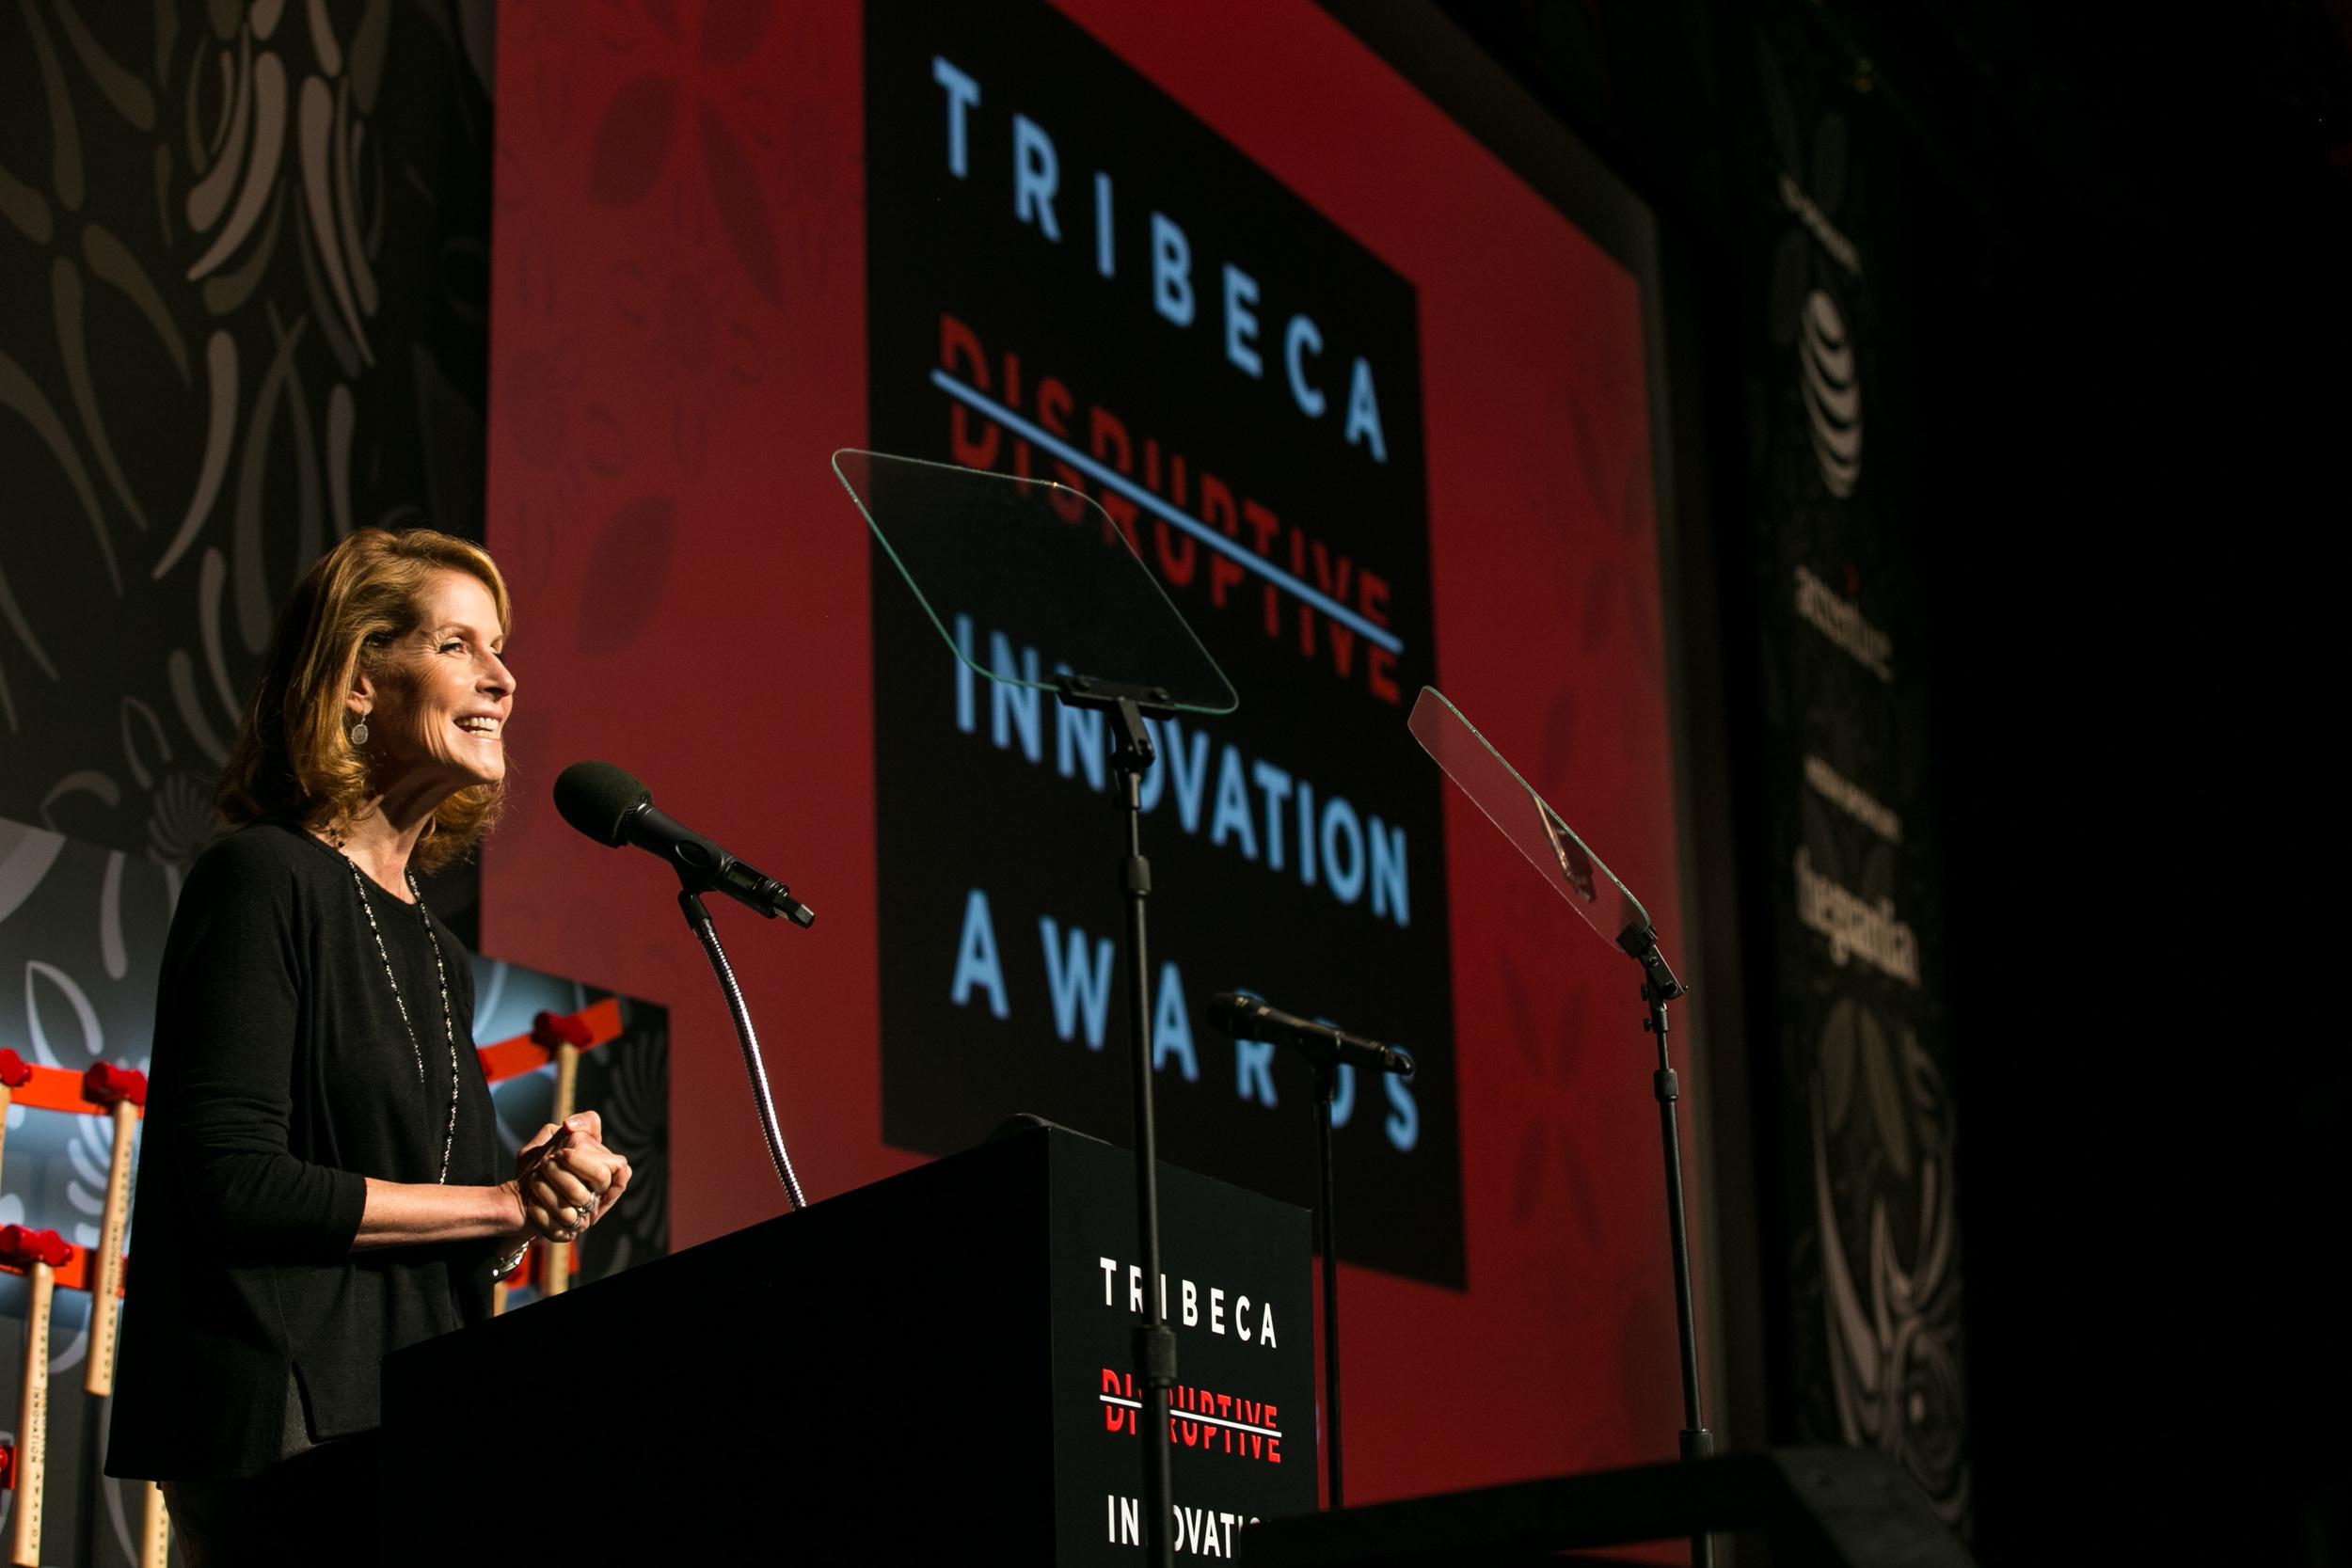 20160422-Tribeca Disruptive Innovation Awards-0250.jpg